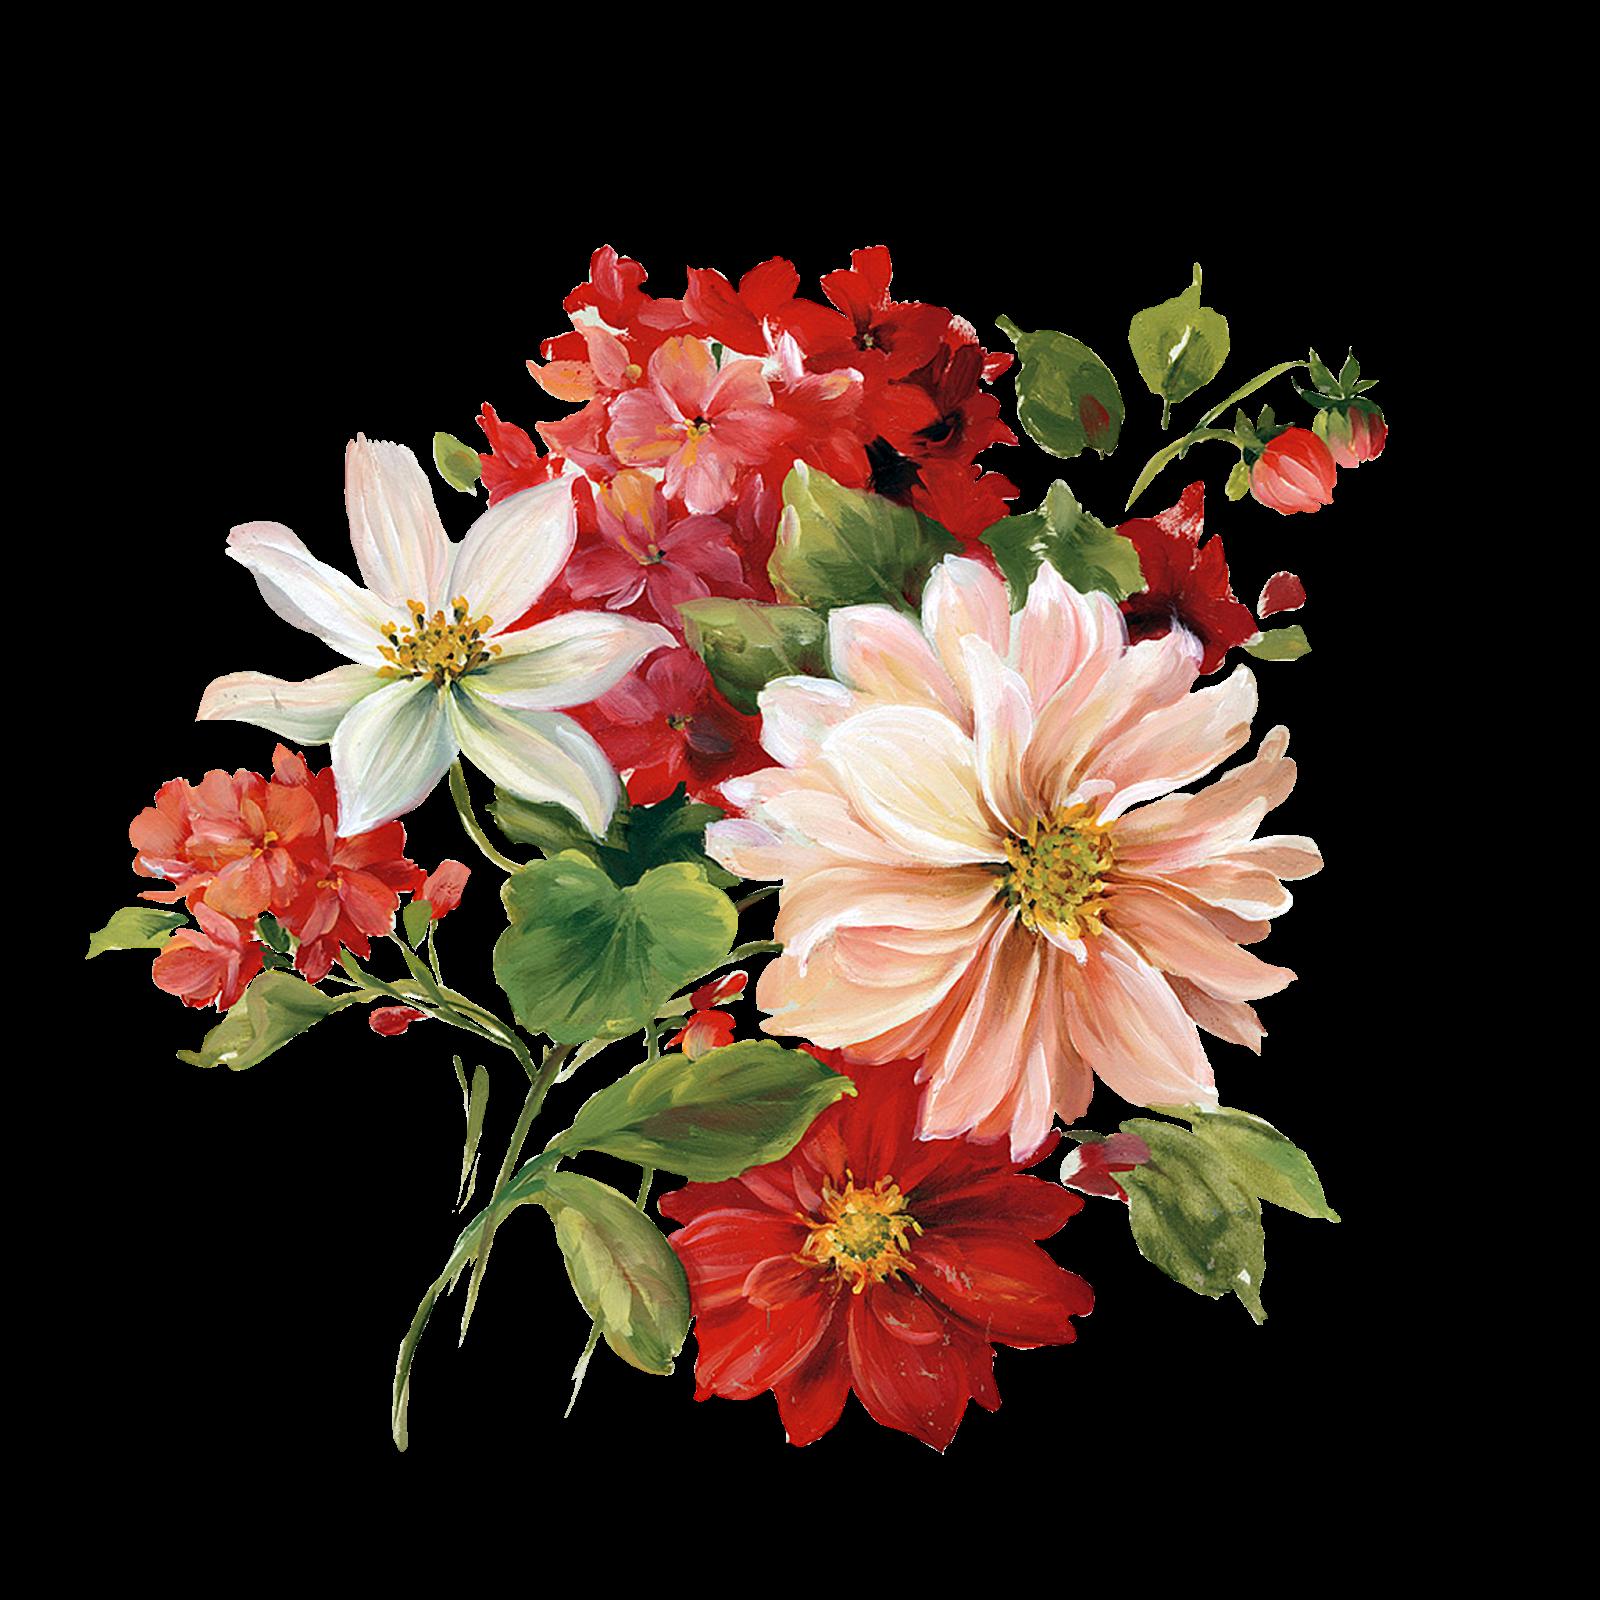 Flower painting clipart picture freeuse stock yüksek çözünürlüklü dekupaj resimleri,sanatsal dekupaj resimler ... picture freeuse stock